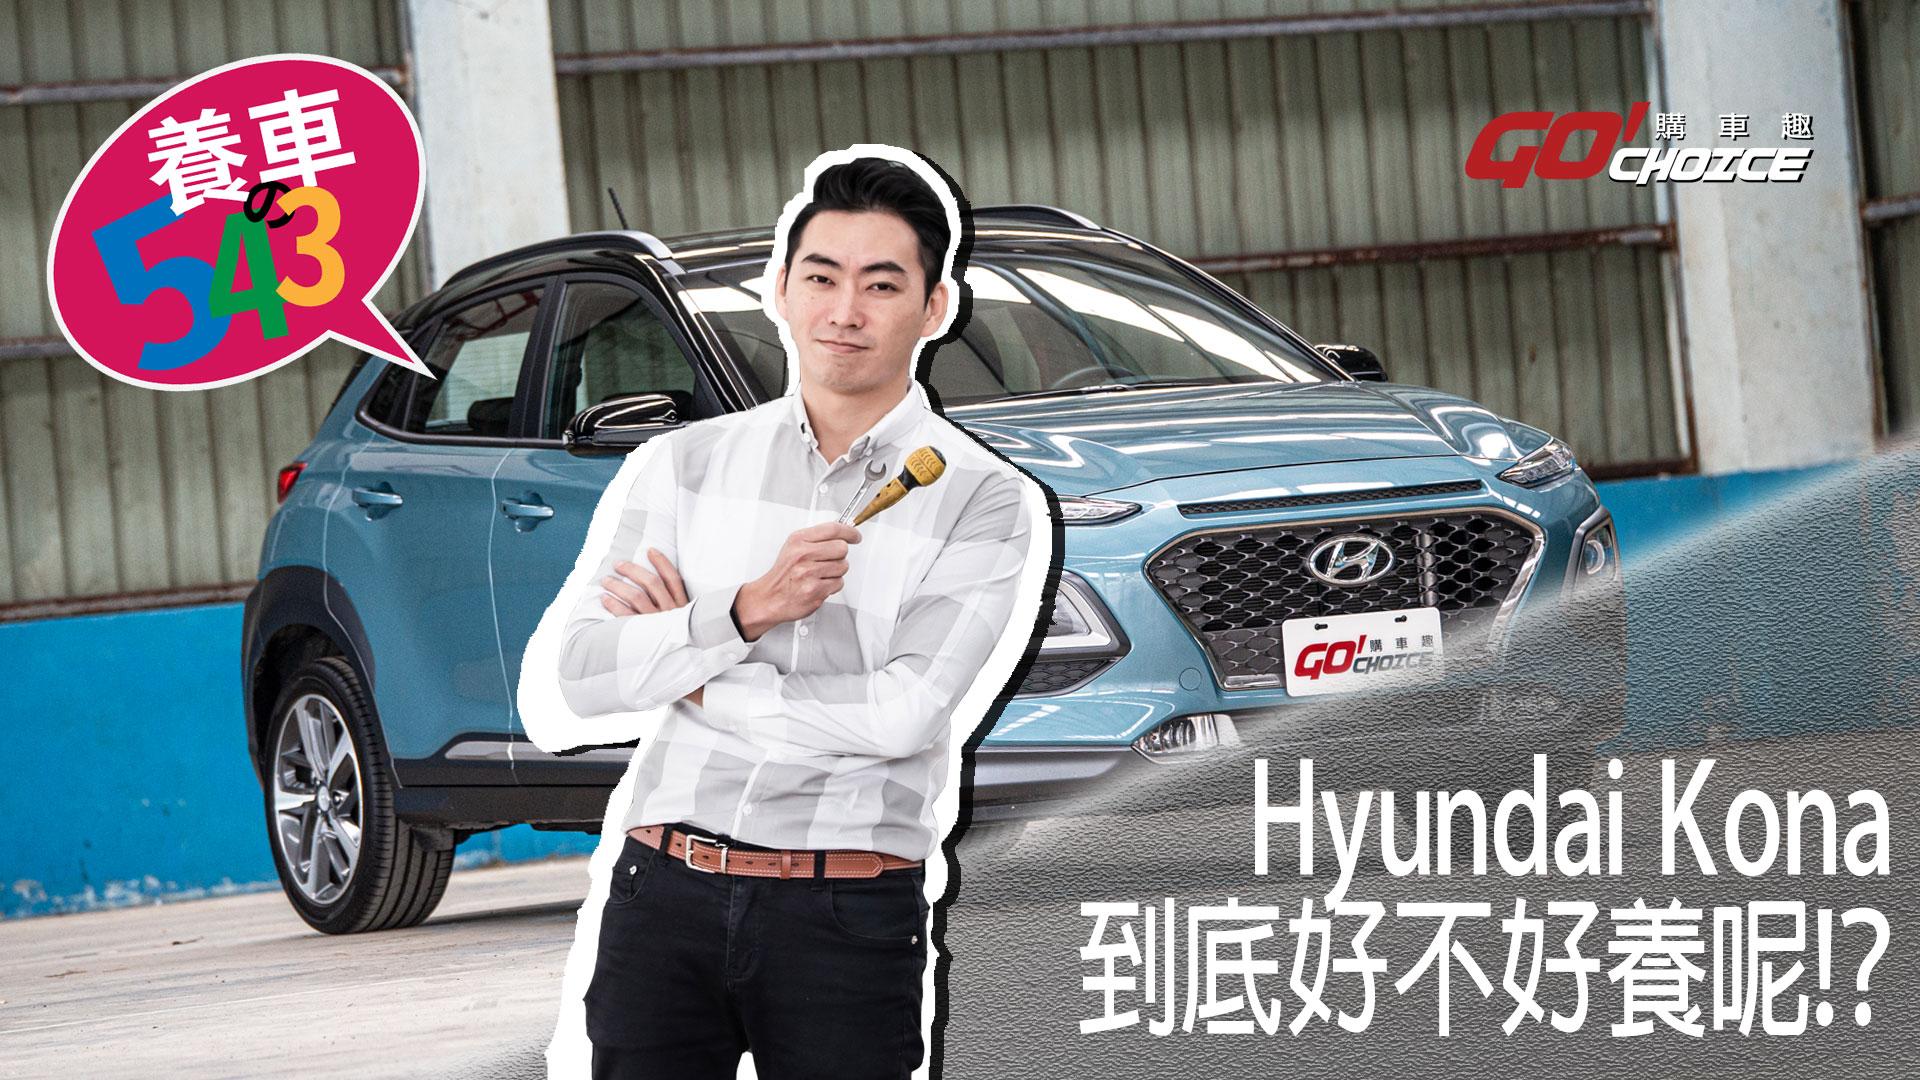 養車543-2019年式 現代Hyundai Kona (第九集)